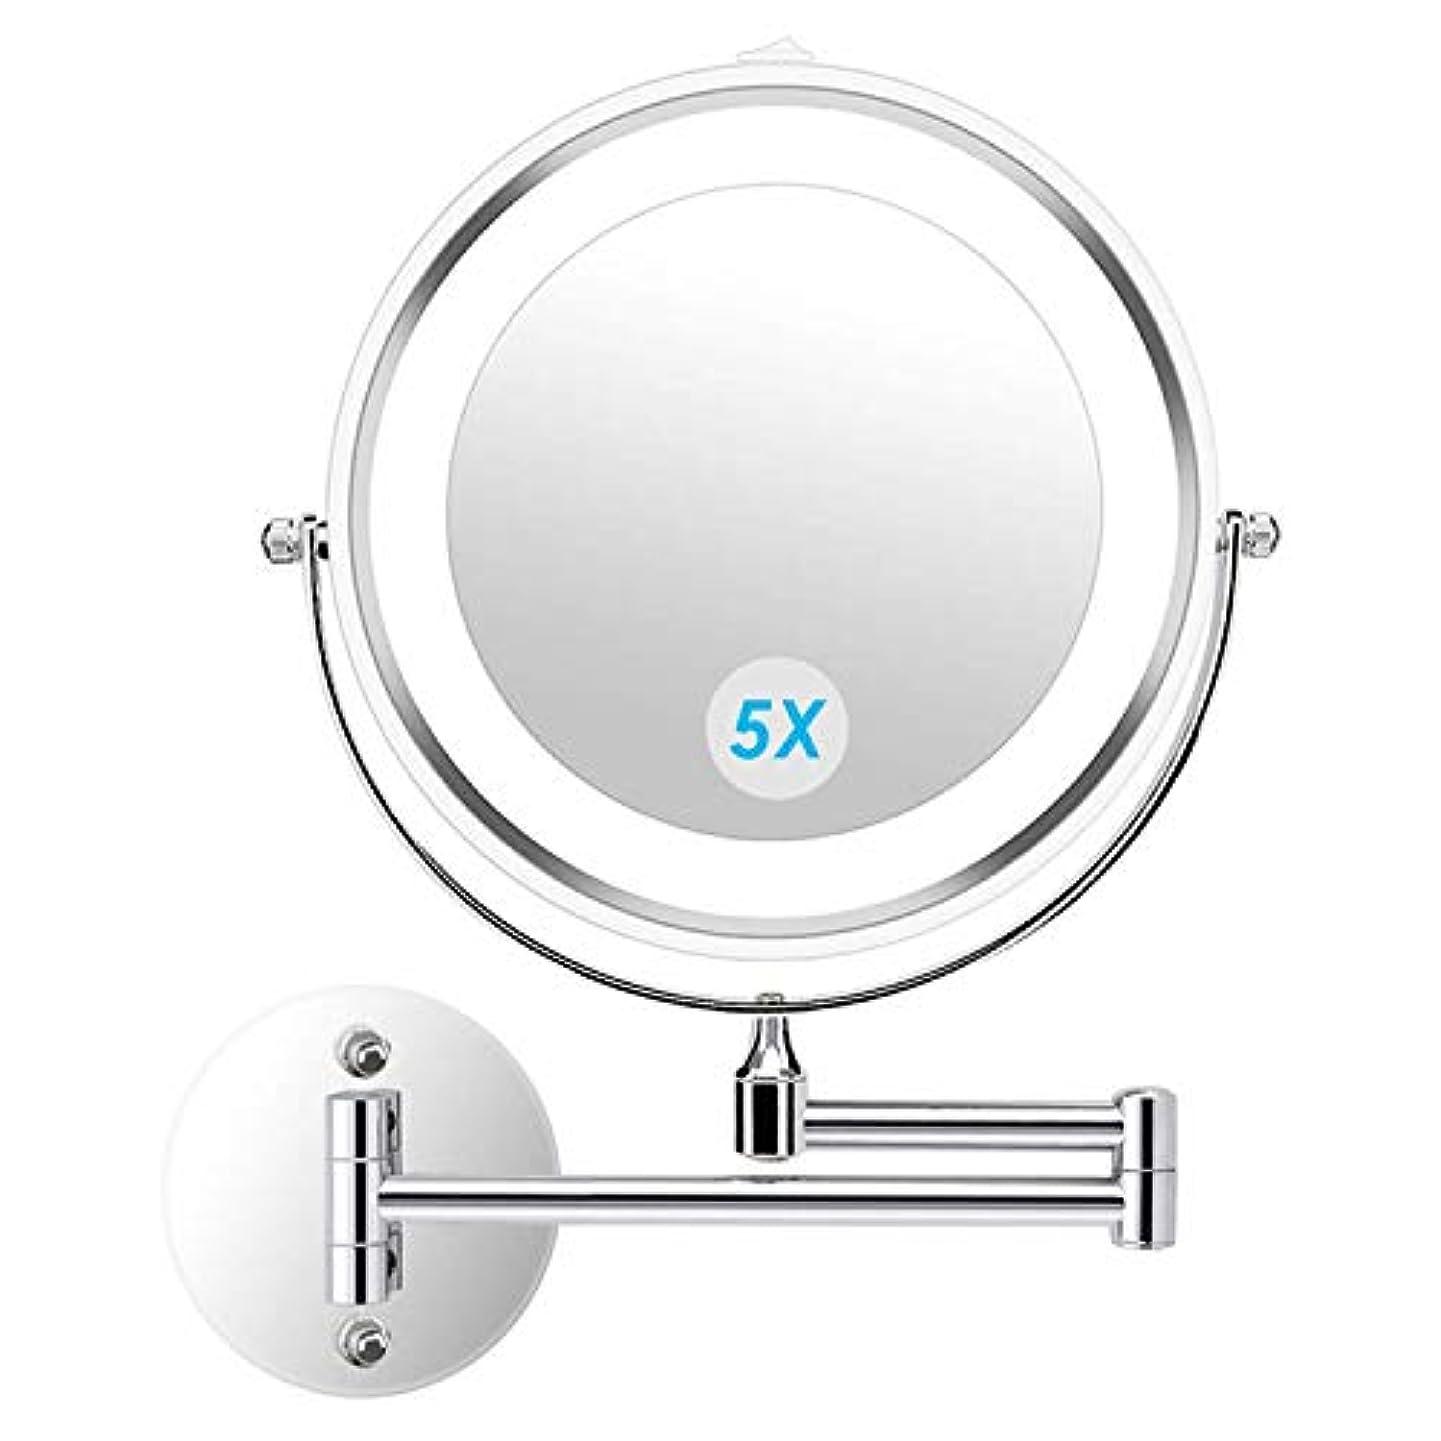 ヒップマリンマニアalvorog 壁掛け化粧鏡 4個 電池で駆動バスルームホテル用照明付き両面5倍 倍率360度 スイベル延長化粧化粧鏡を導きました 7